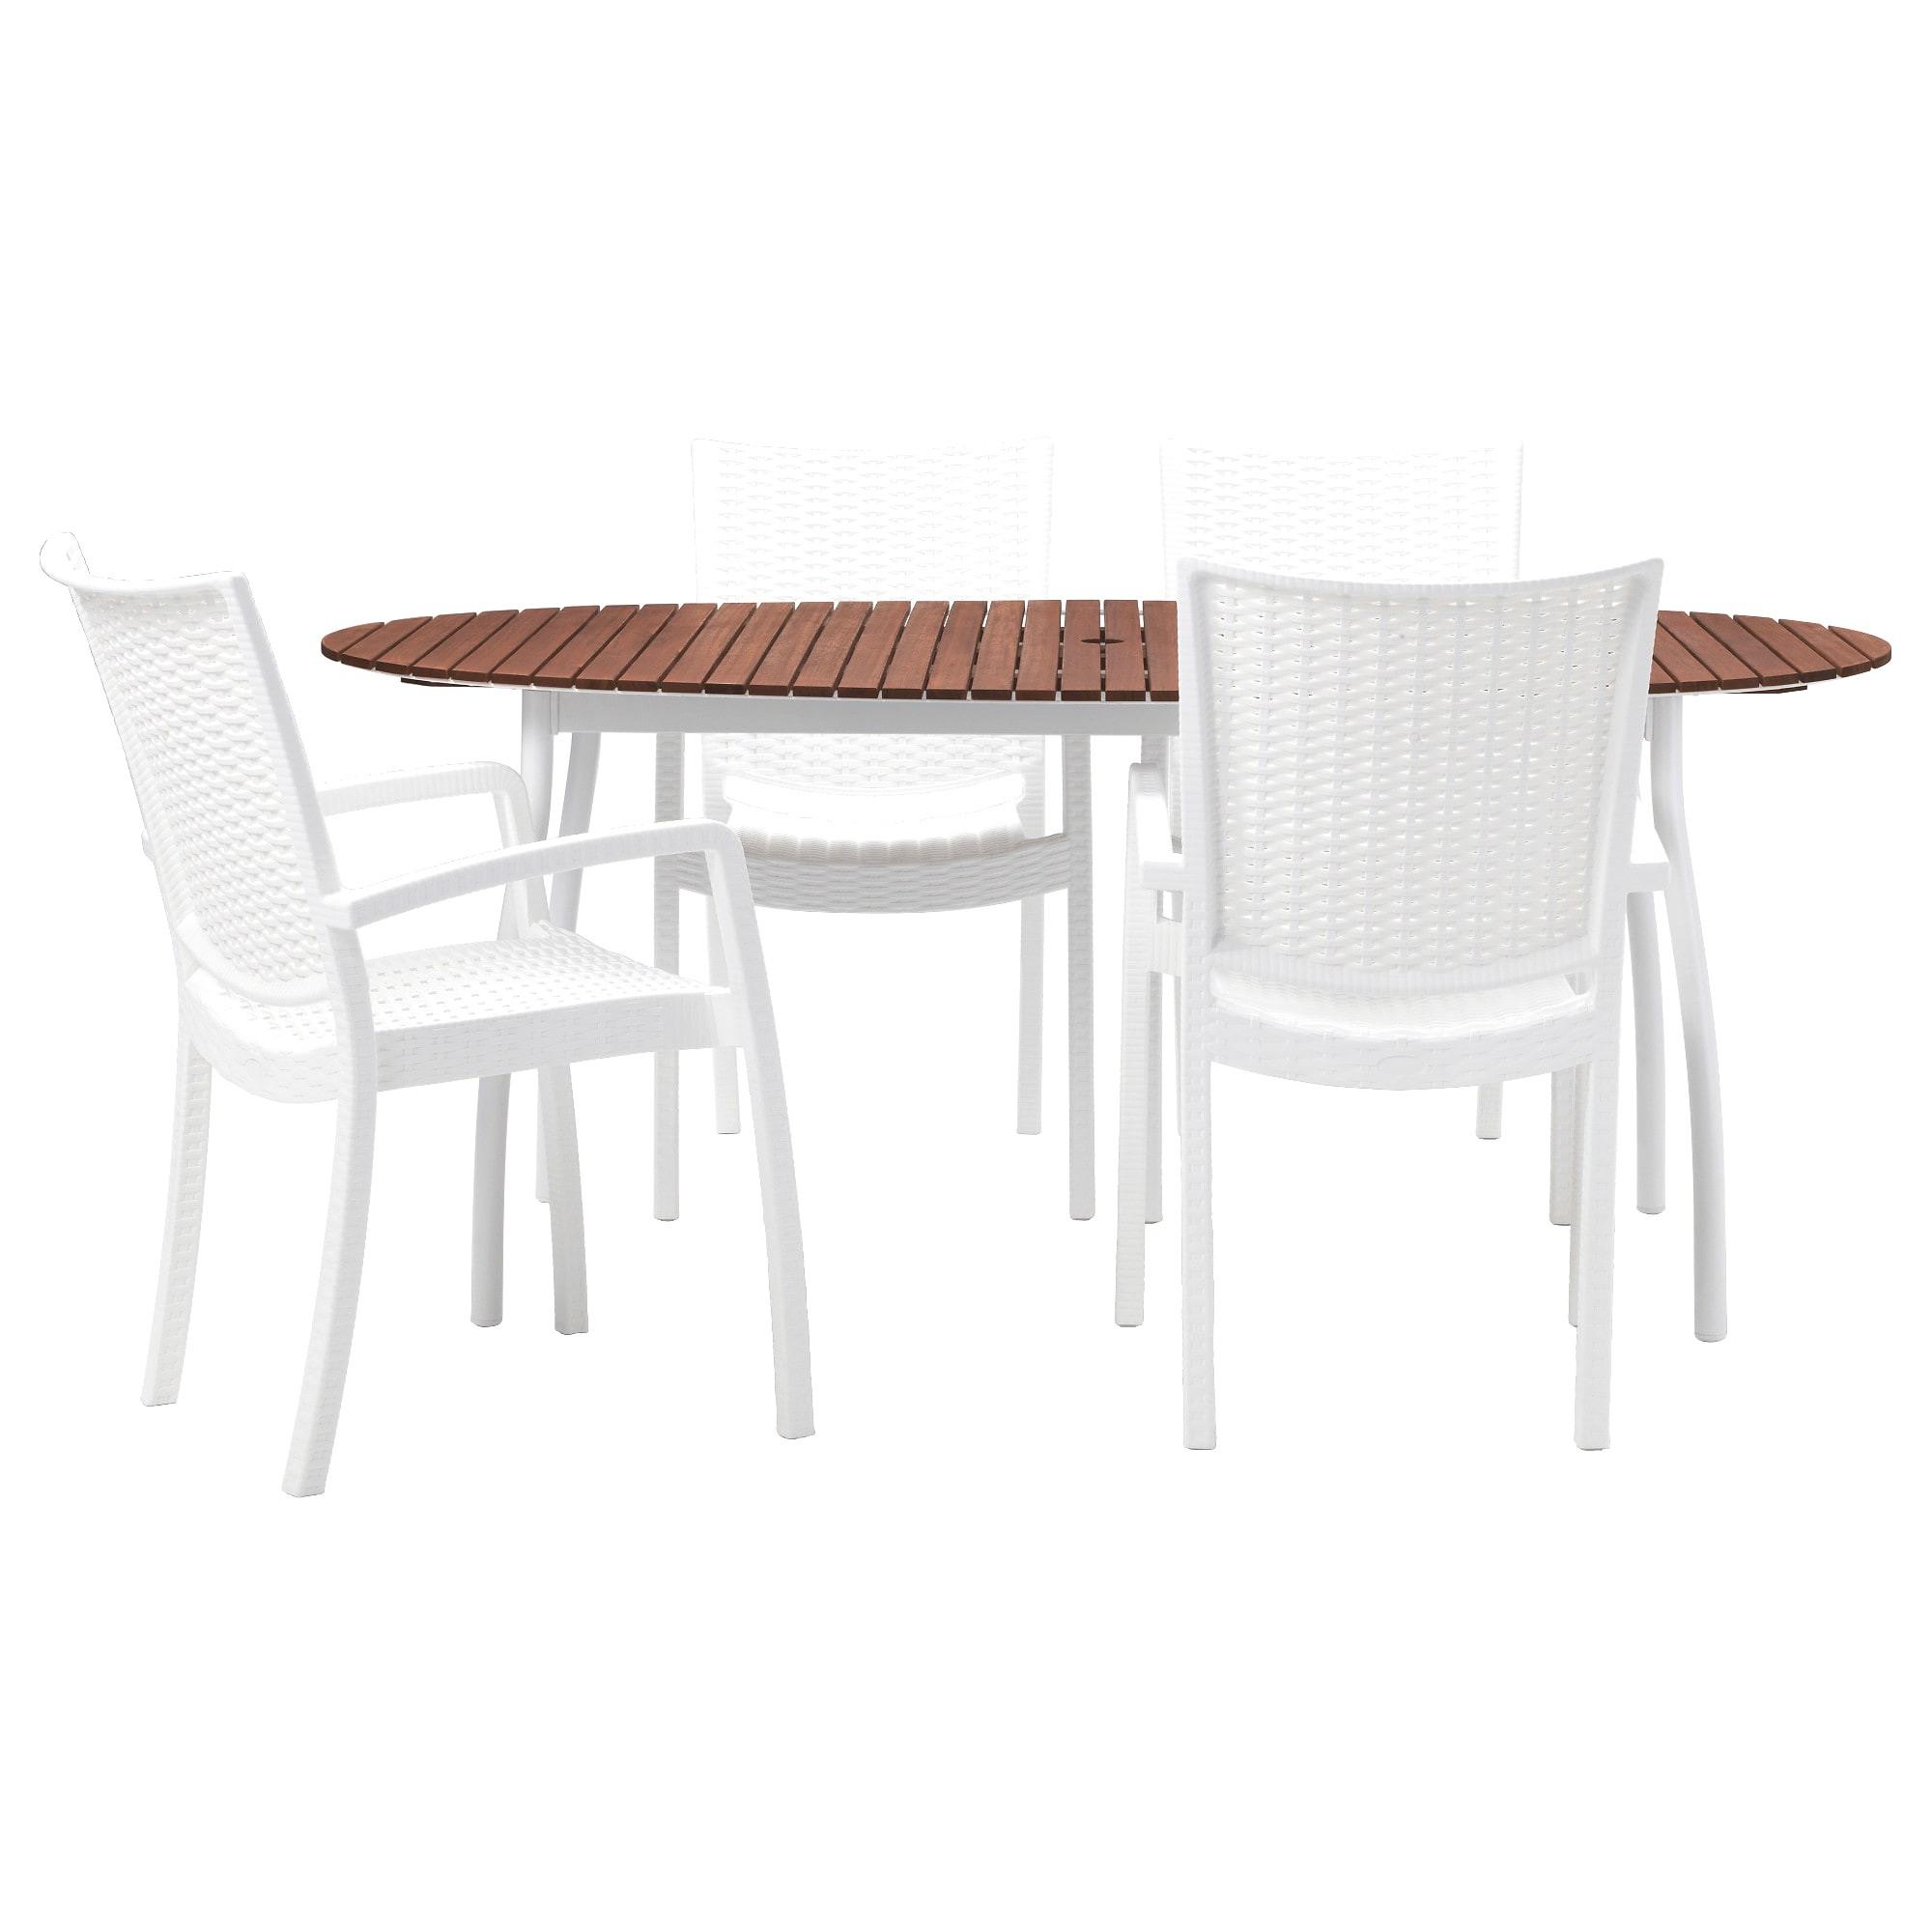 Table Ronde Fer Forgé Extérieur Charmant Chaises Bistrot ... intérieur Table Ronde Jardin Ikea